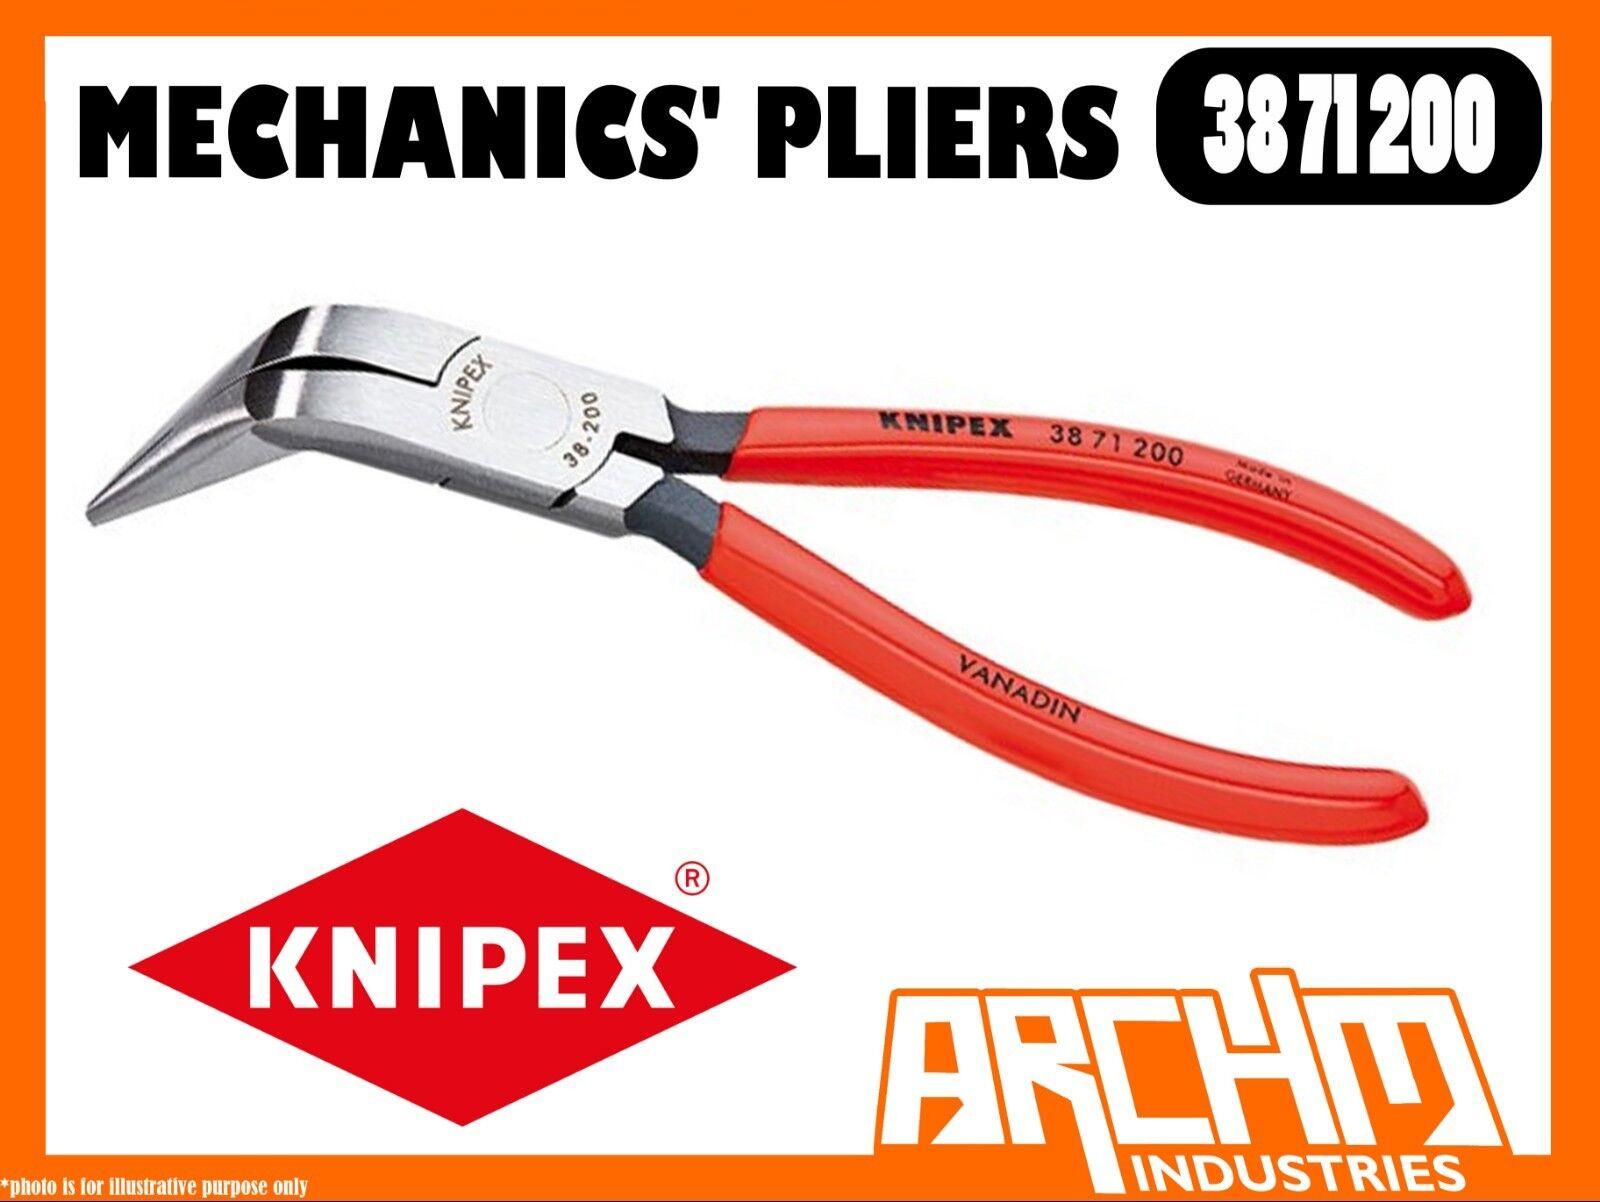 KNIPEX 3871200 - MECHANICS' PLIERS - 200MM GRIPPING HIGH BENDING STRENGTH STEEL